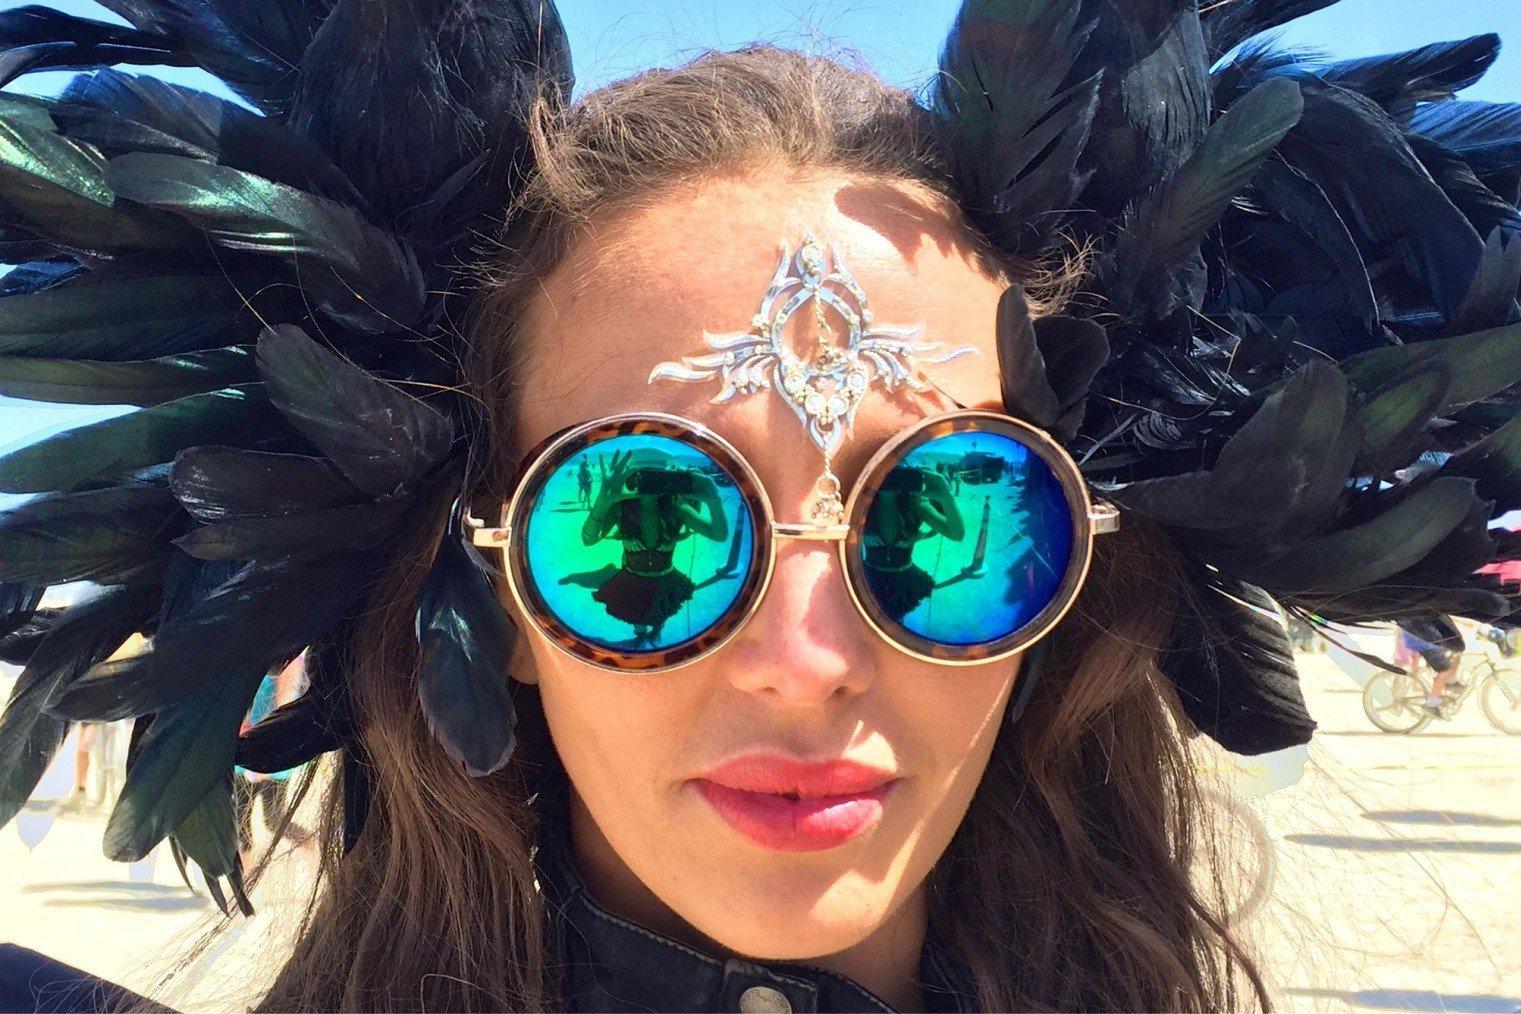 Горящий Человек, США. Burning Man, USA